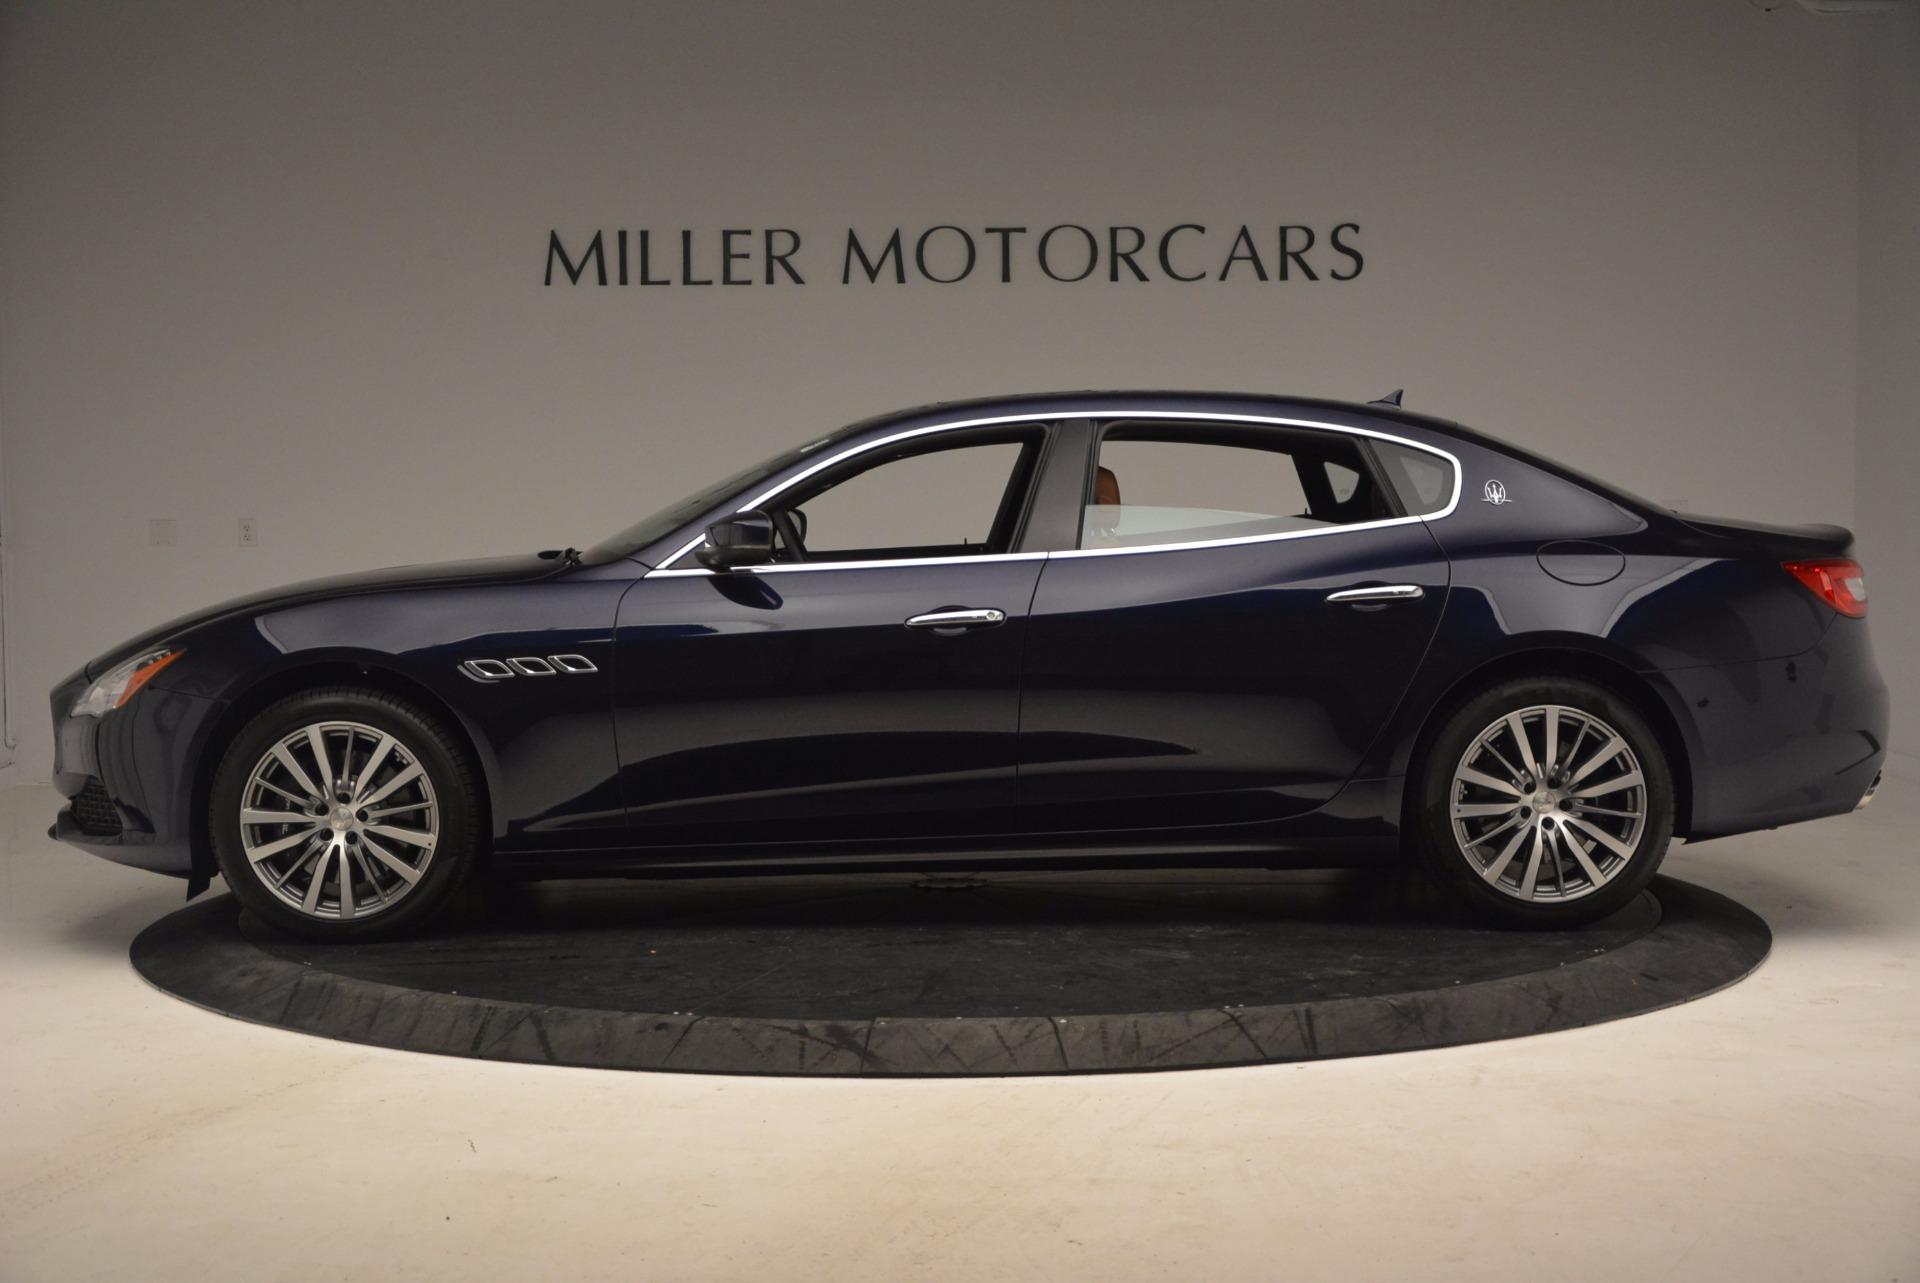 New 2017 Maserati Quattroporte S Q4 For Sale In Greenwich, CT 1067_p3